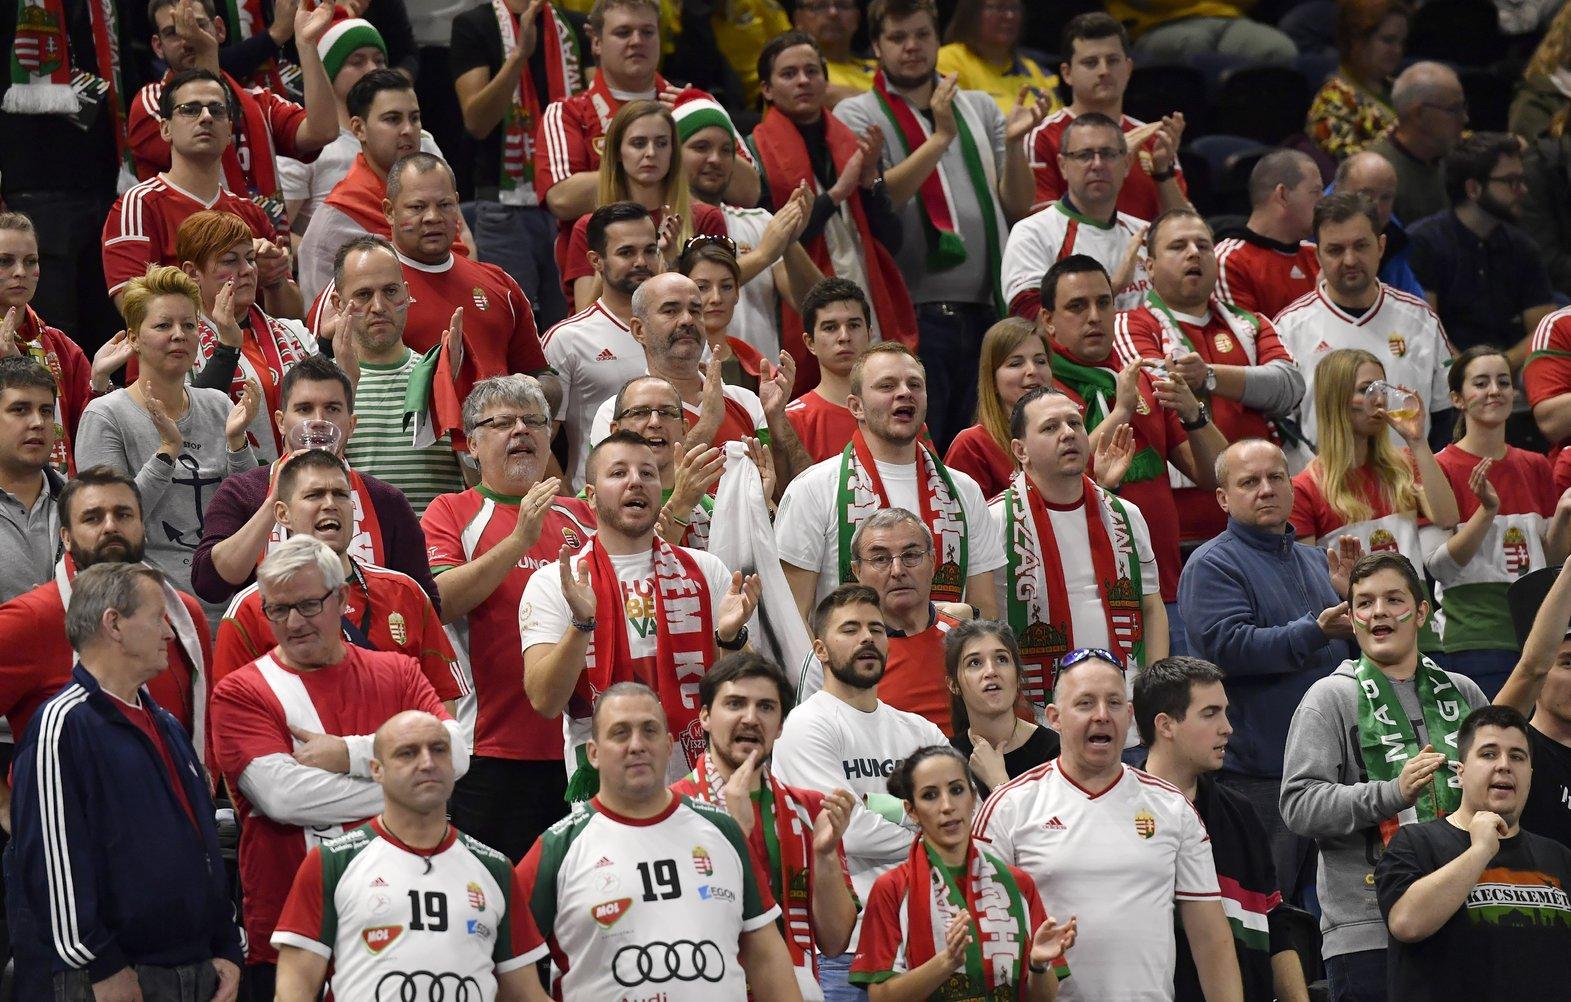 Csütörtökön magyar napot tartanak a kézi-vb szurkolói zónájában  08c27c125b